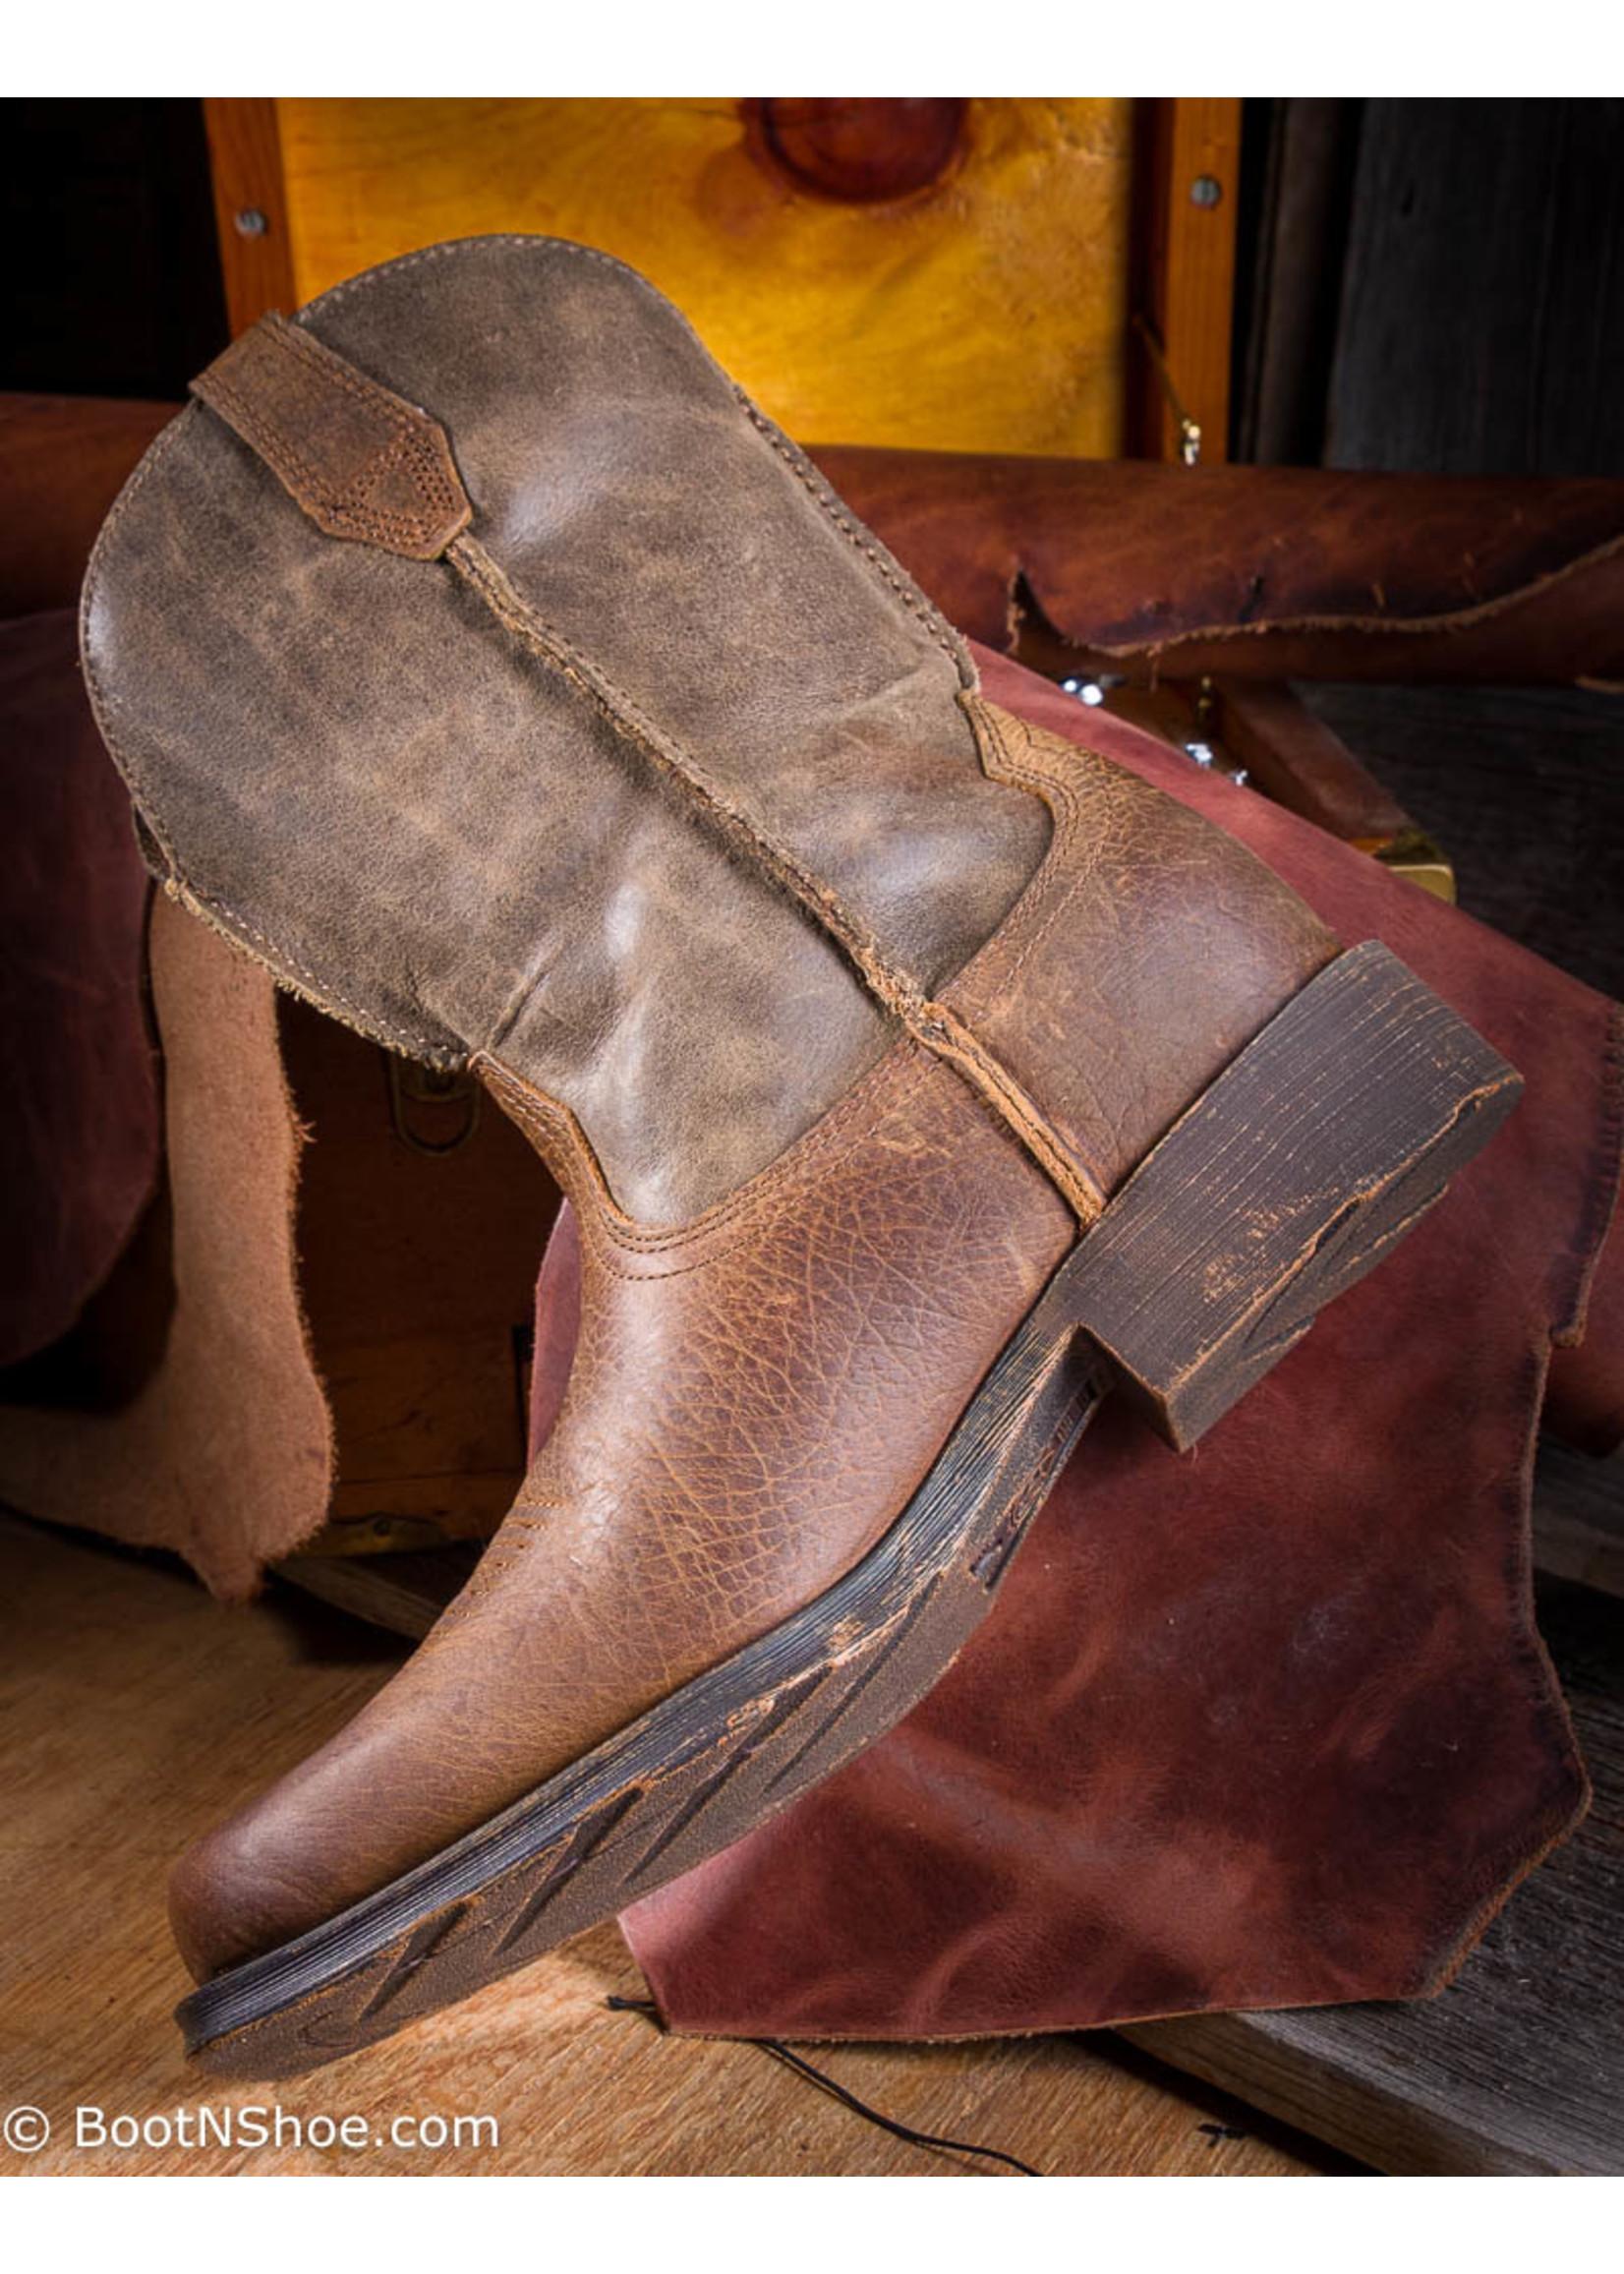 Ariat Rambler Earth/Brown Bomber Boot 10002317